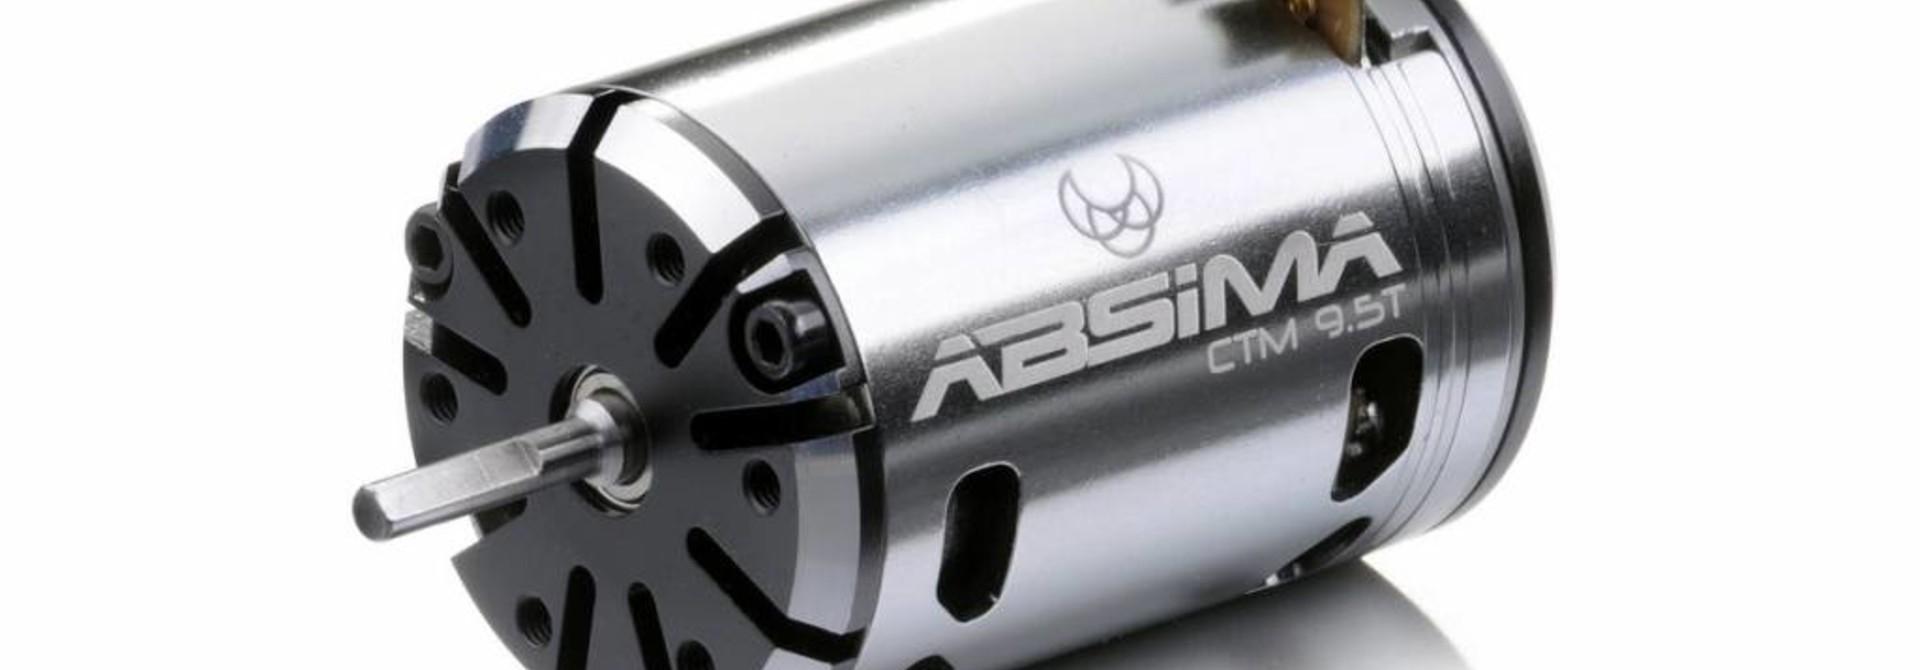 """Brushless Motor 1:10 """"Revenge CTM"""" 10,5T Stock"""